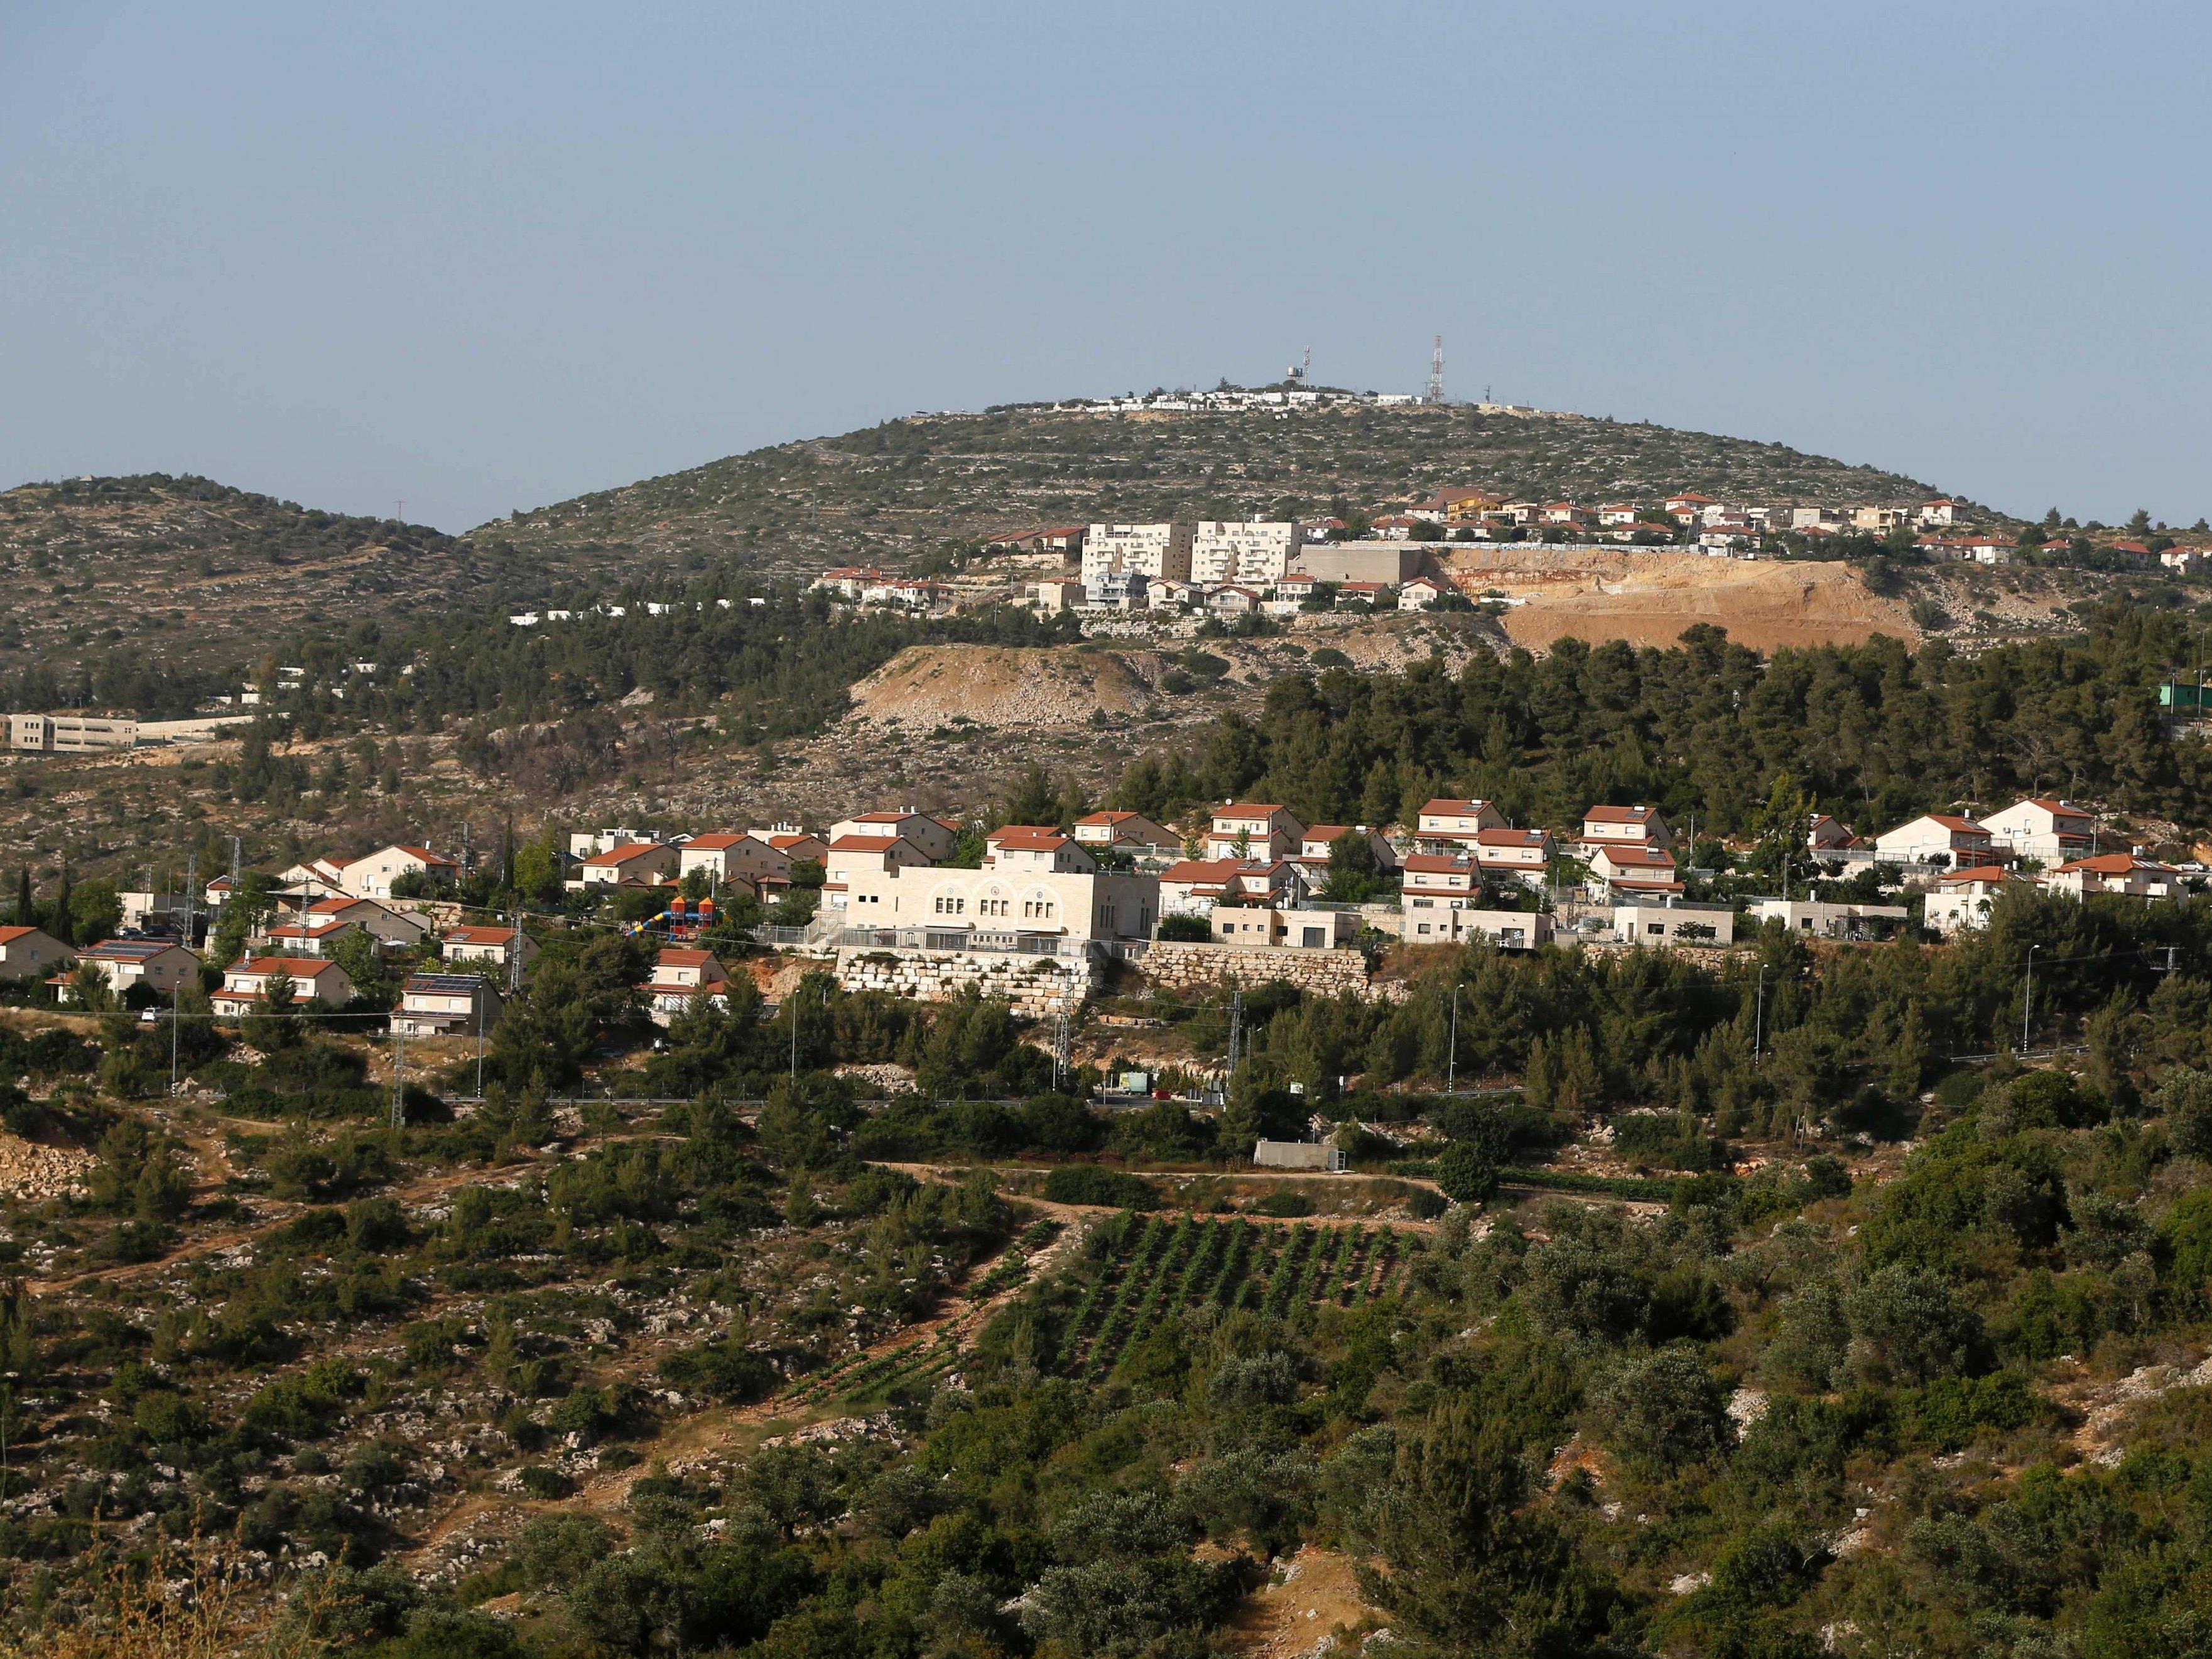 Das EU-Parlament hat Israel für seine Siedlungen in den Palästinensischen Gebieten scharf verurteilt.